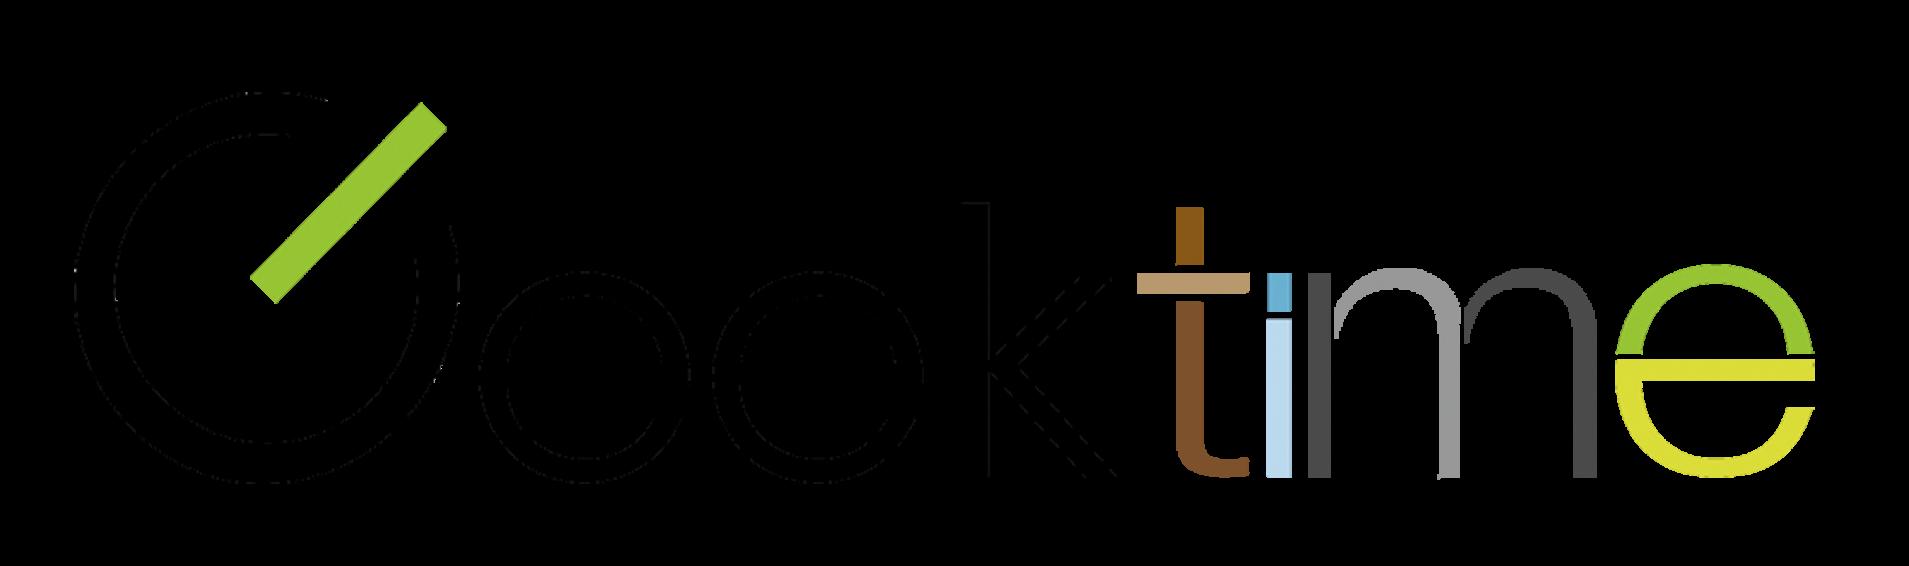 geektime-logo.png